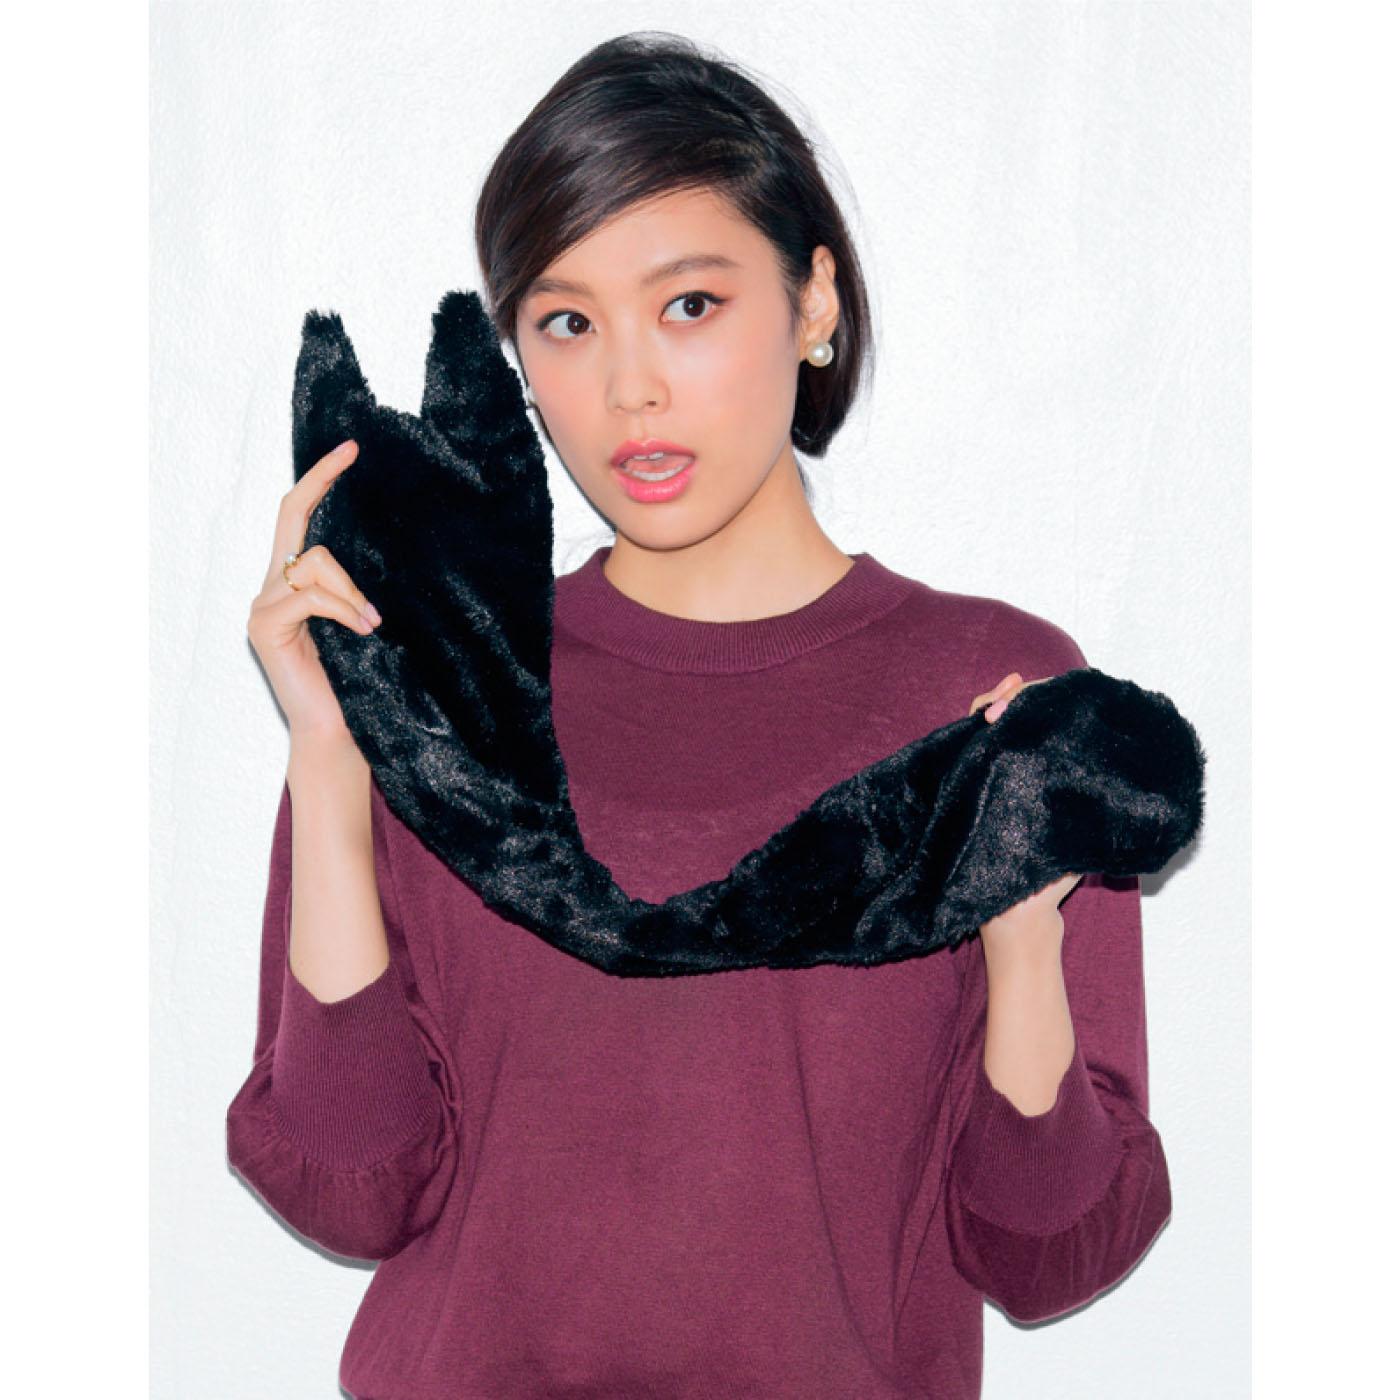 にゃー!     ふわっふわの肌ごこちのよい黒猫ティペット。大人の女性がつけやすい形に仕上げました。普段のお洋服に合わせても使えます。